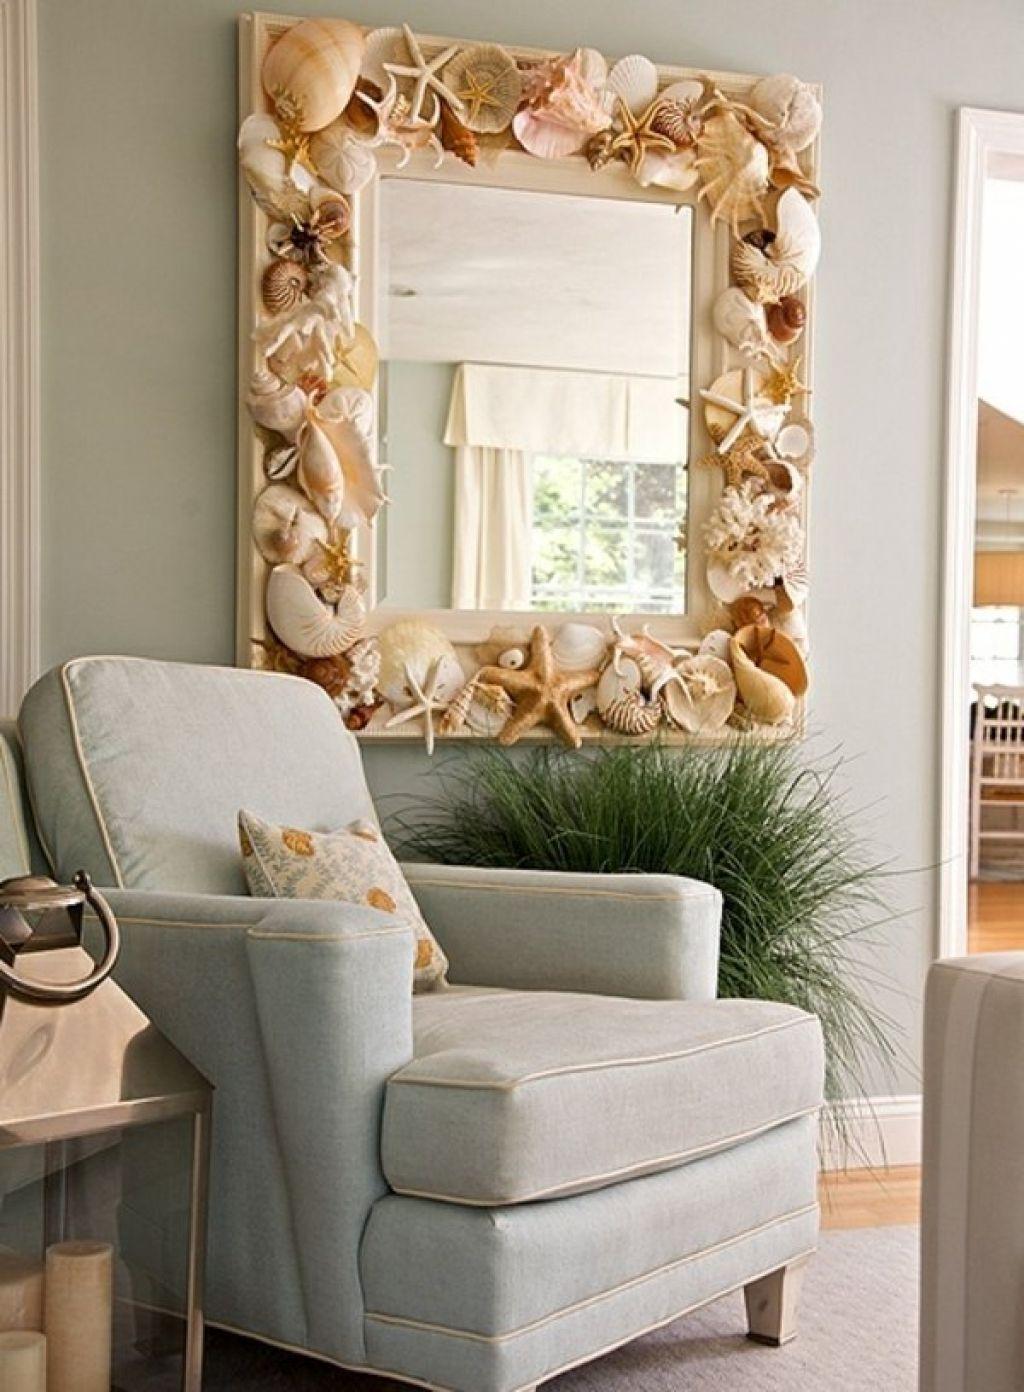 Popular babyzimmer poco bazimmer von poco einrichtungsmarkt ansehen babyzimmer poco Startseite Pinterest